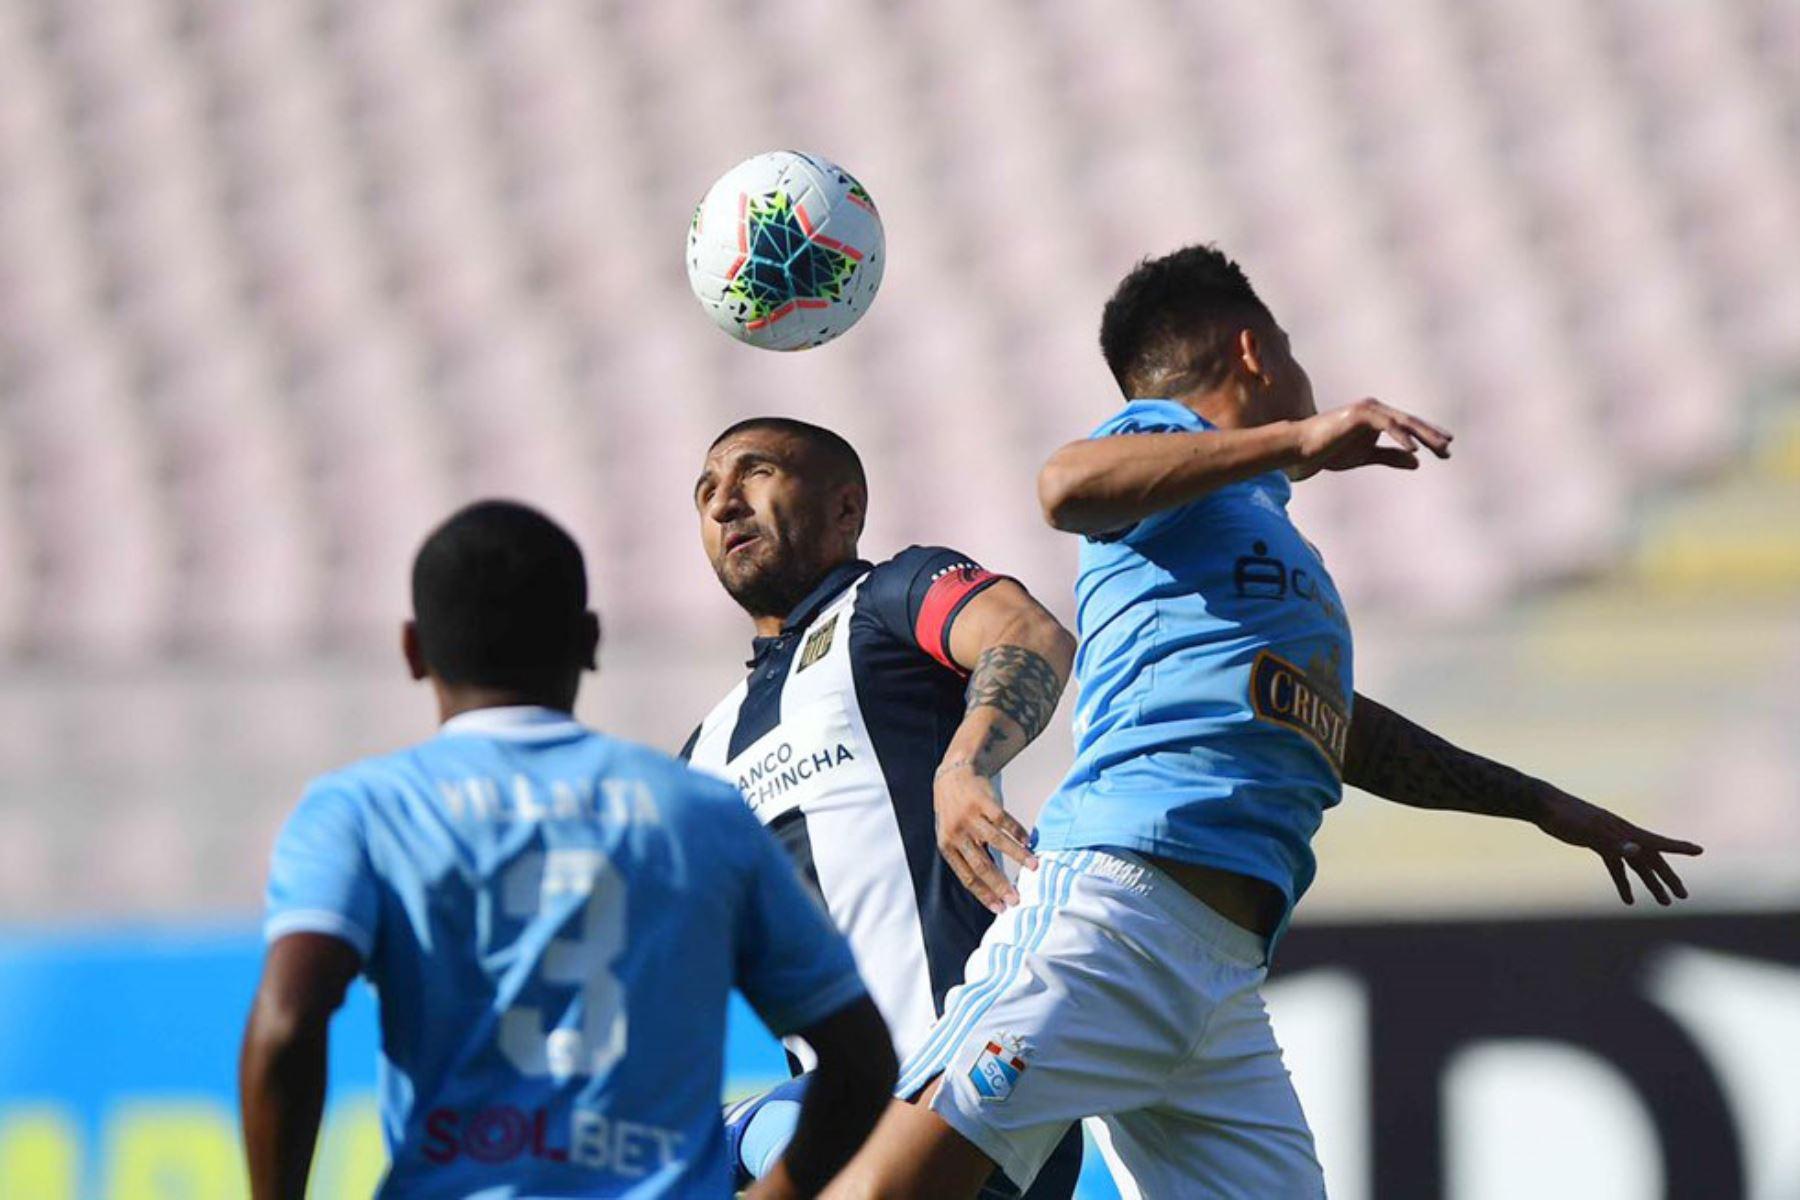 El jugador Villalta de Cristal disputa el balón con el jugador de Alianza Lima  por la sexta fecha de la fase 1, en el estadio Nacional .  Foto: Liga 1